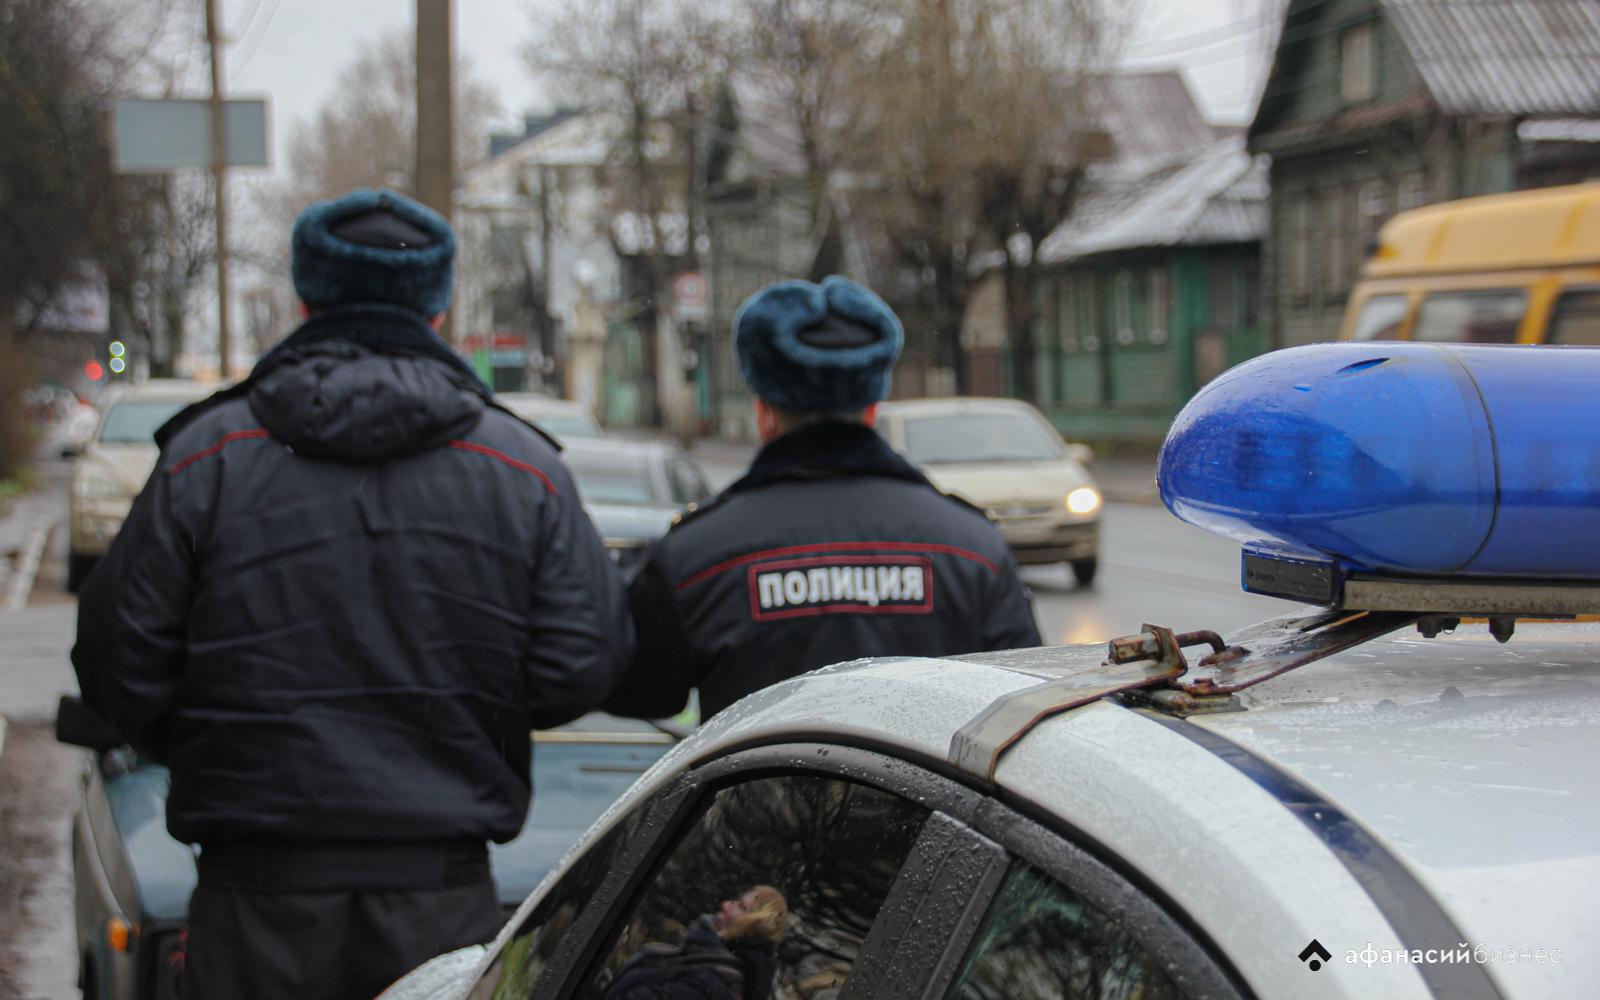 Путин сообщил о предстоящем увеличении зарплат сотрудникам правоохранительных органов